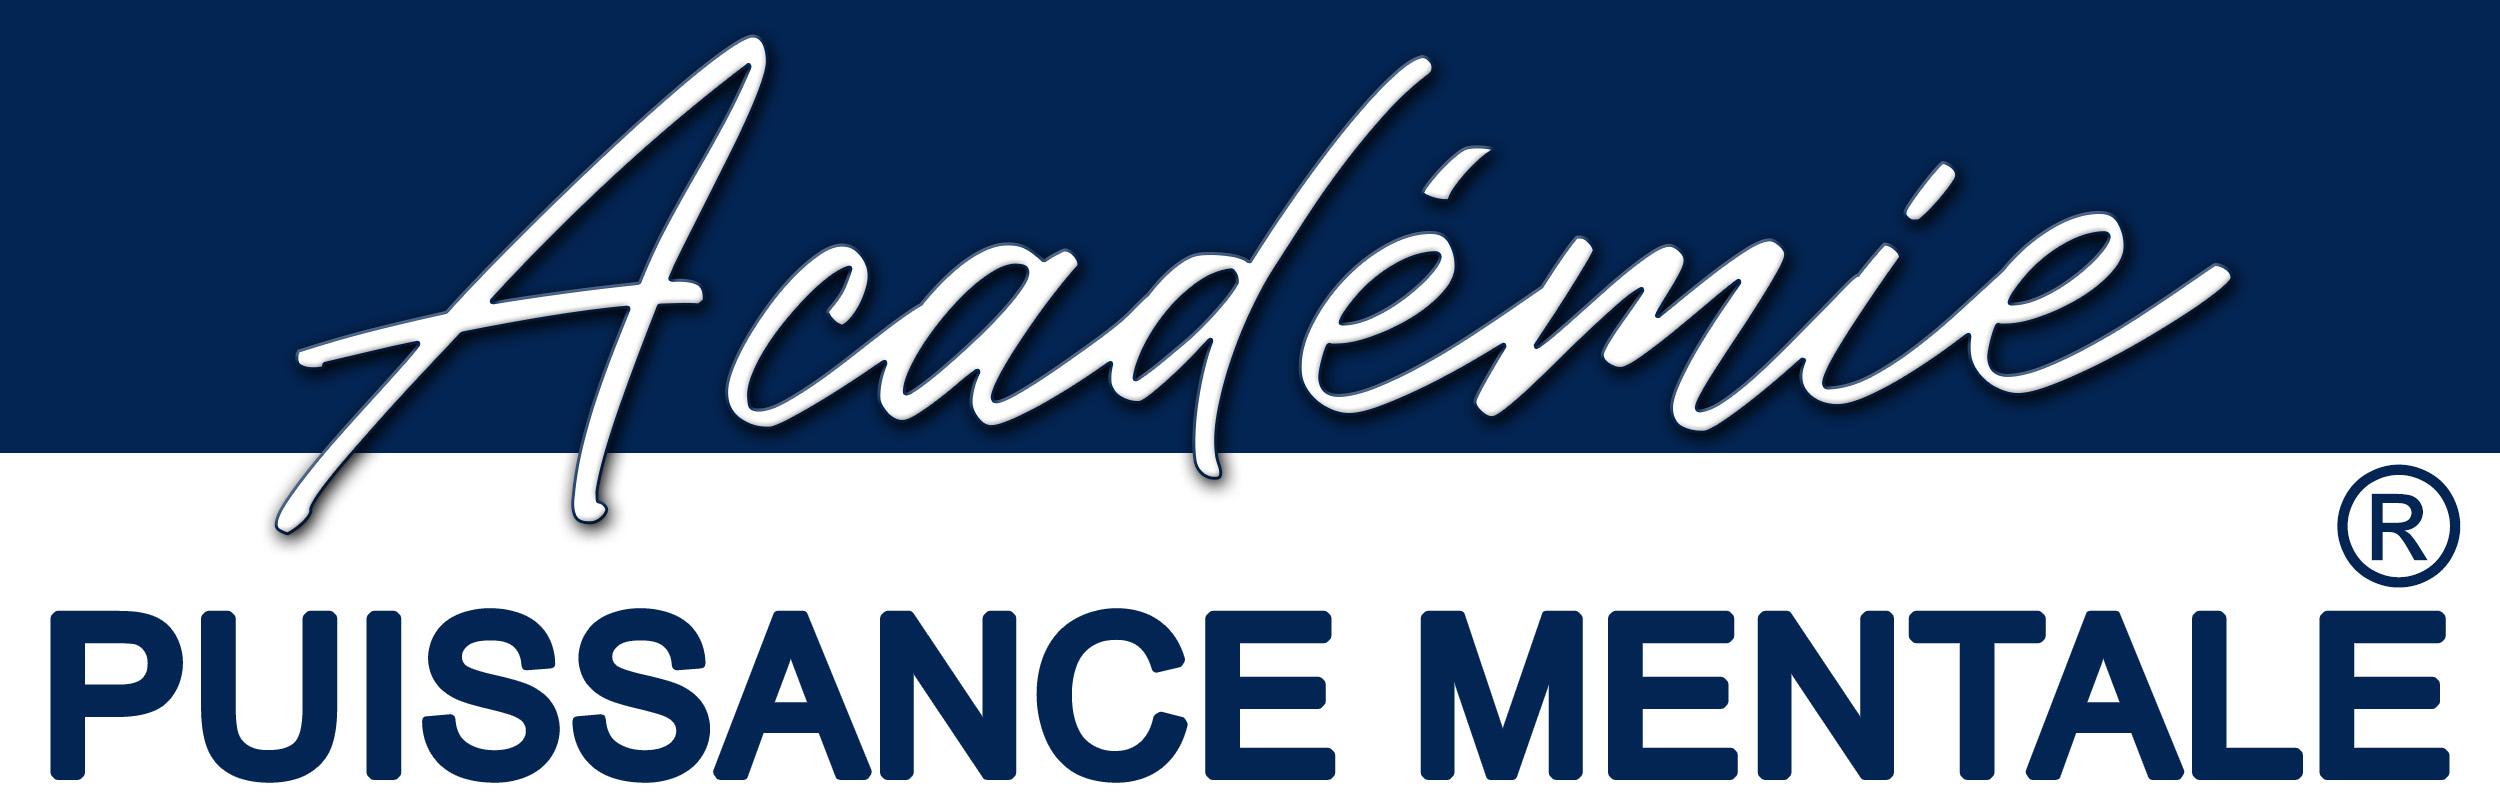 Coach, Puissance, Mentale, Geoffrey, Brochet, en ligne méthode déposée; projet; objectif; puissance mentale; objectif de vie; épanouie; travail; santé; famille; carrière; enfant; stress; sens; technique; humain; courage; volonté; confiance en soi; motivation; pirateattitude